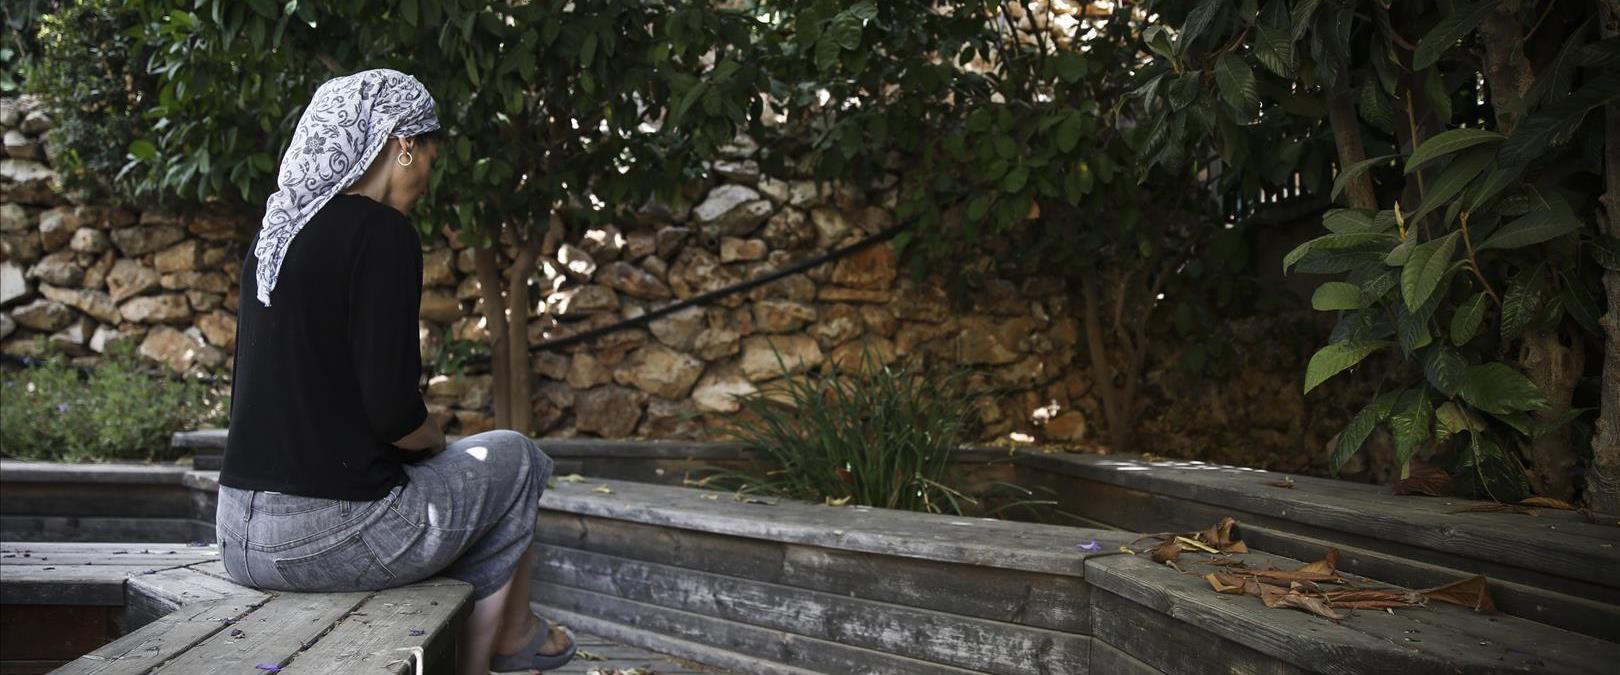 אישה דתייה עם שביס יושבת על ספסל